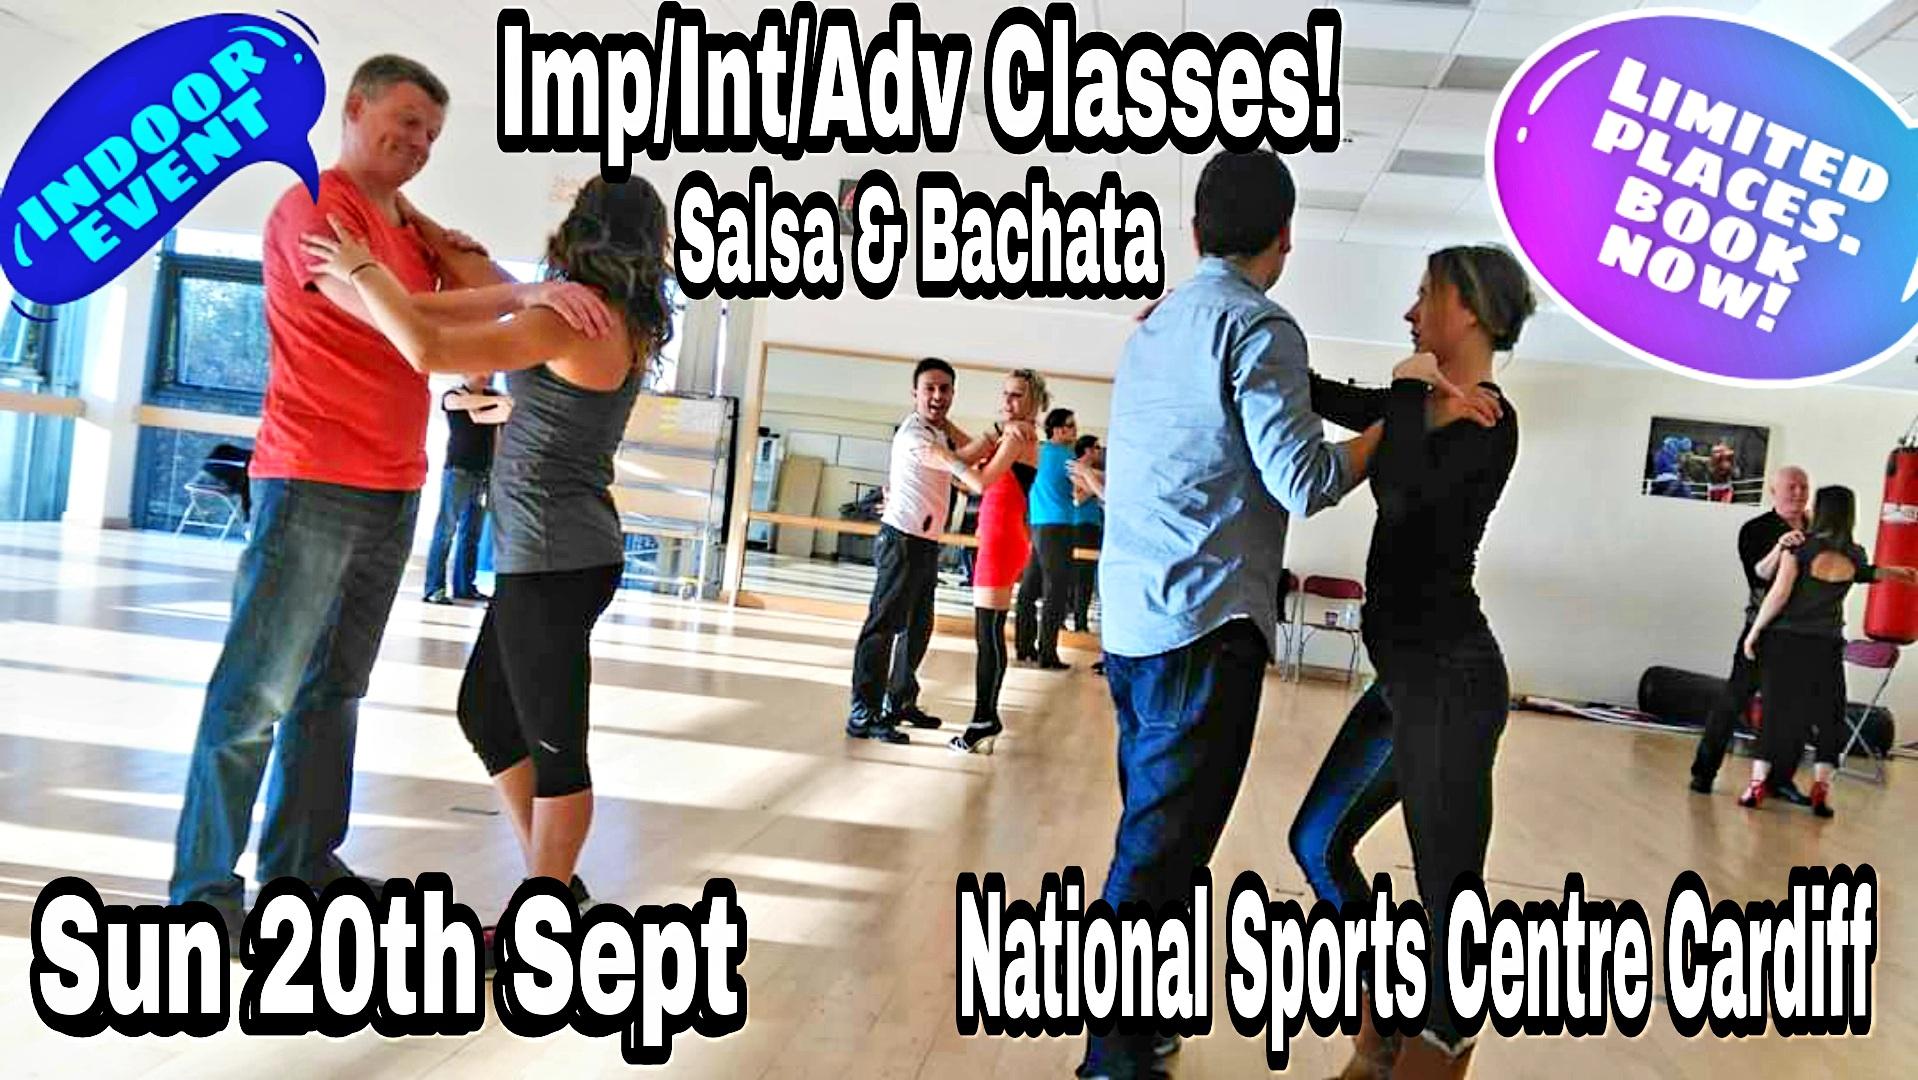 indoor classes